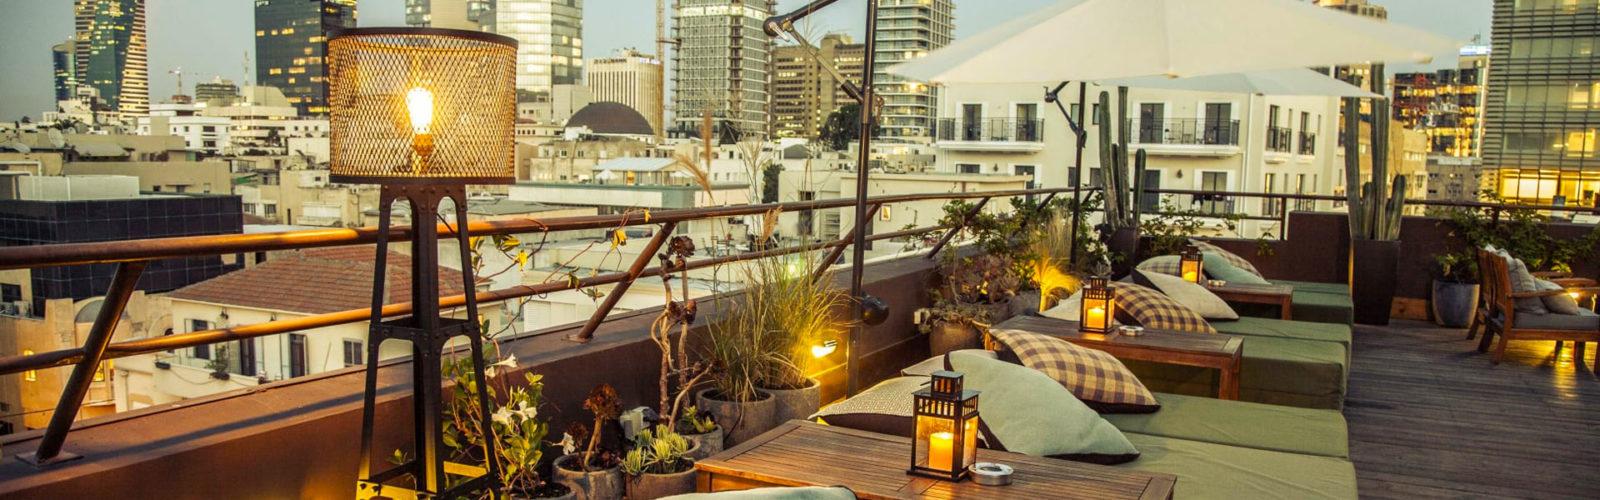 Séjour à l'hôtel-boutique Brown Beach House à Tel Aviv